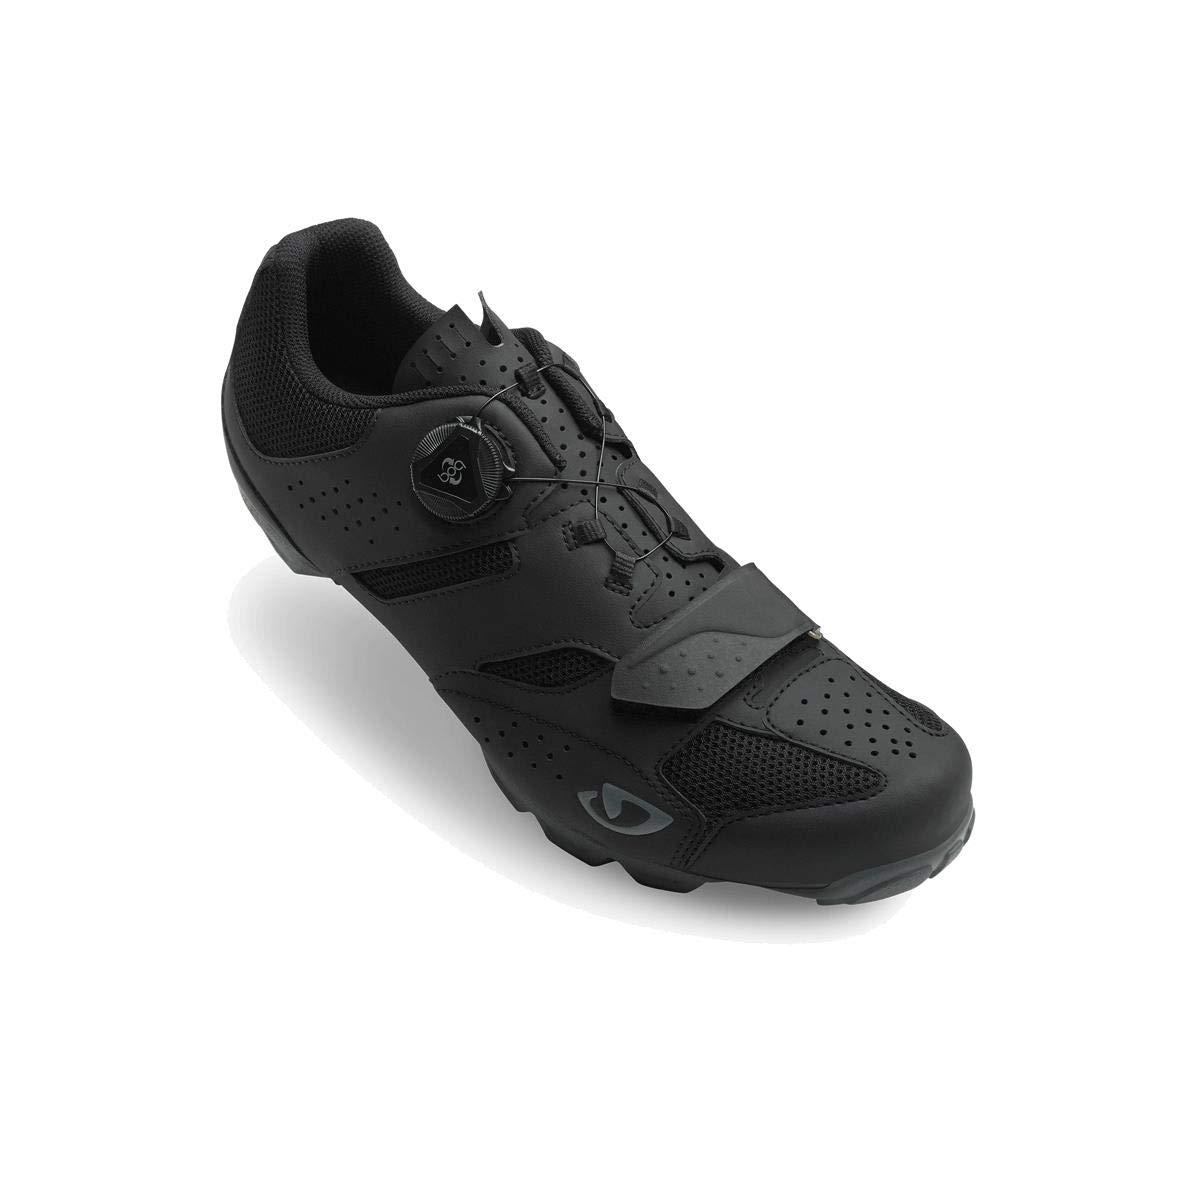 Giro Men's Cylinder Hv+ Mountain Biking Shoes